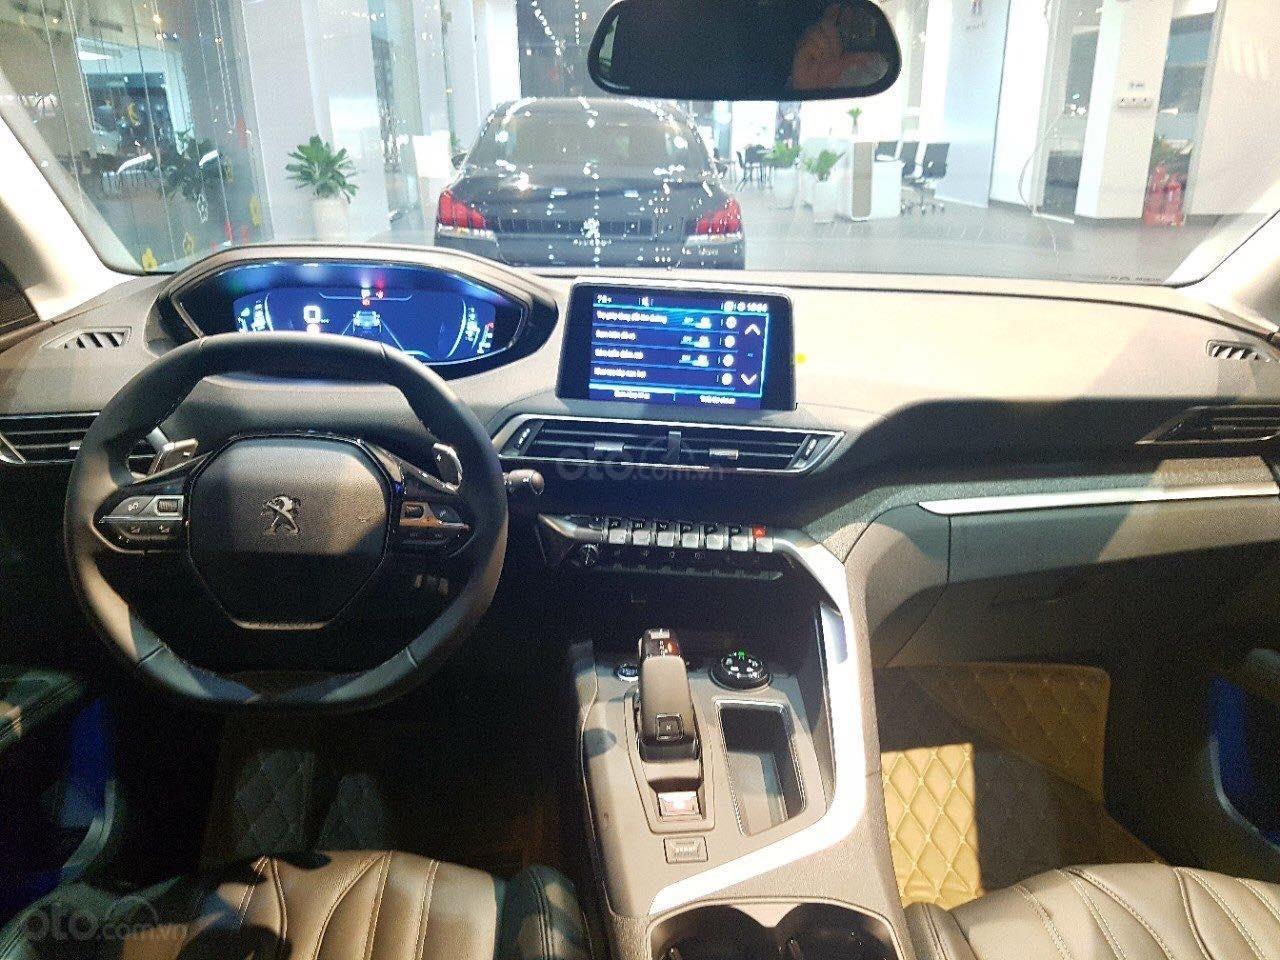 Bán xe Peugeot 5008 7 chỗ, 2019, ưu đãi khủng, giao ngay, trả trước 360 triệu (5)